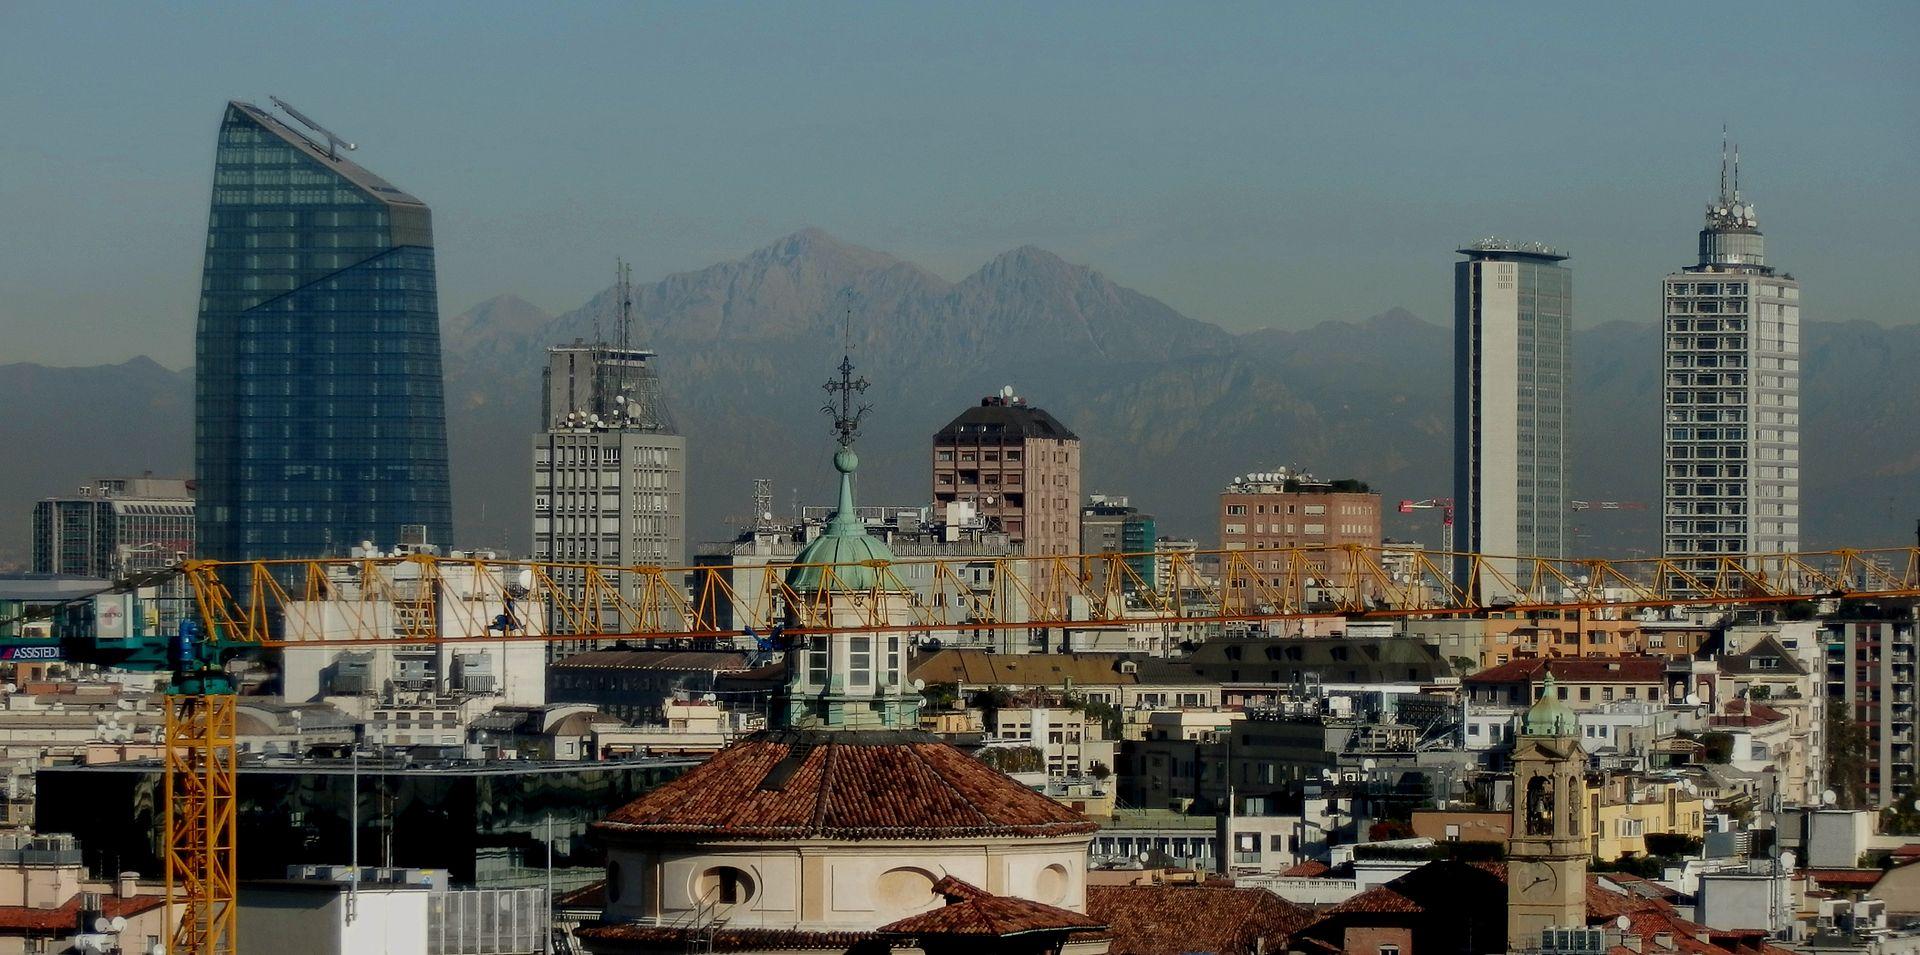 Milano, anche per Airbnb la tassa di soggiorno - Webitmag ...